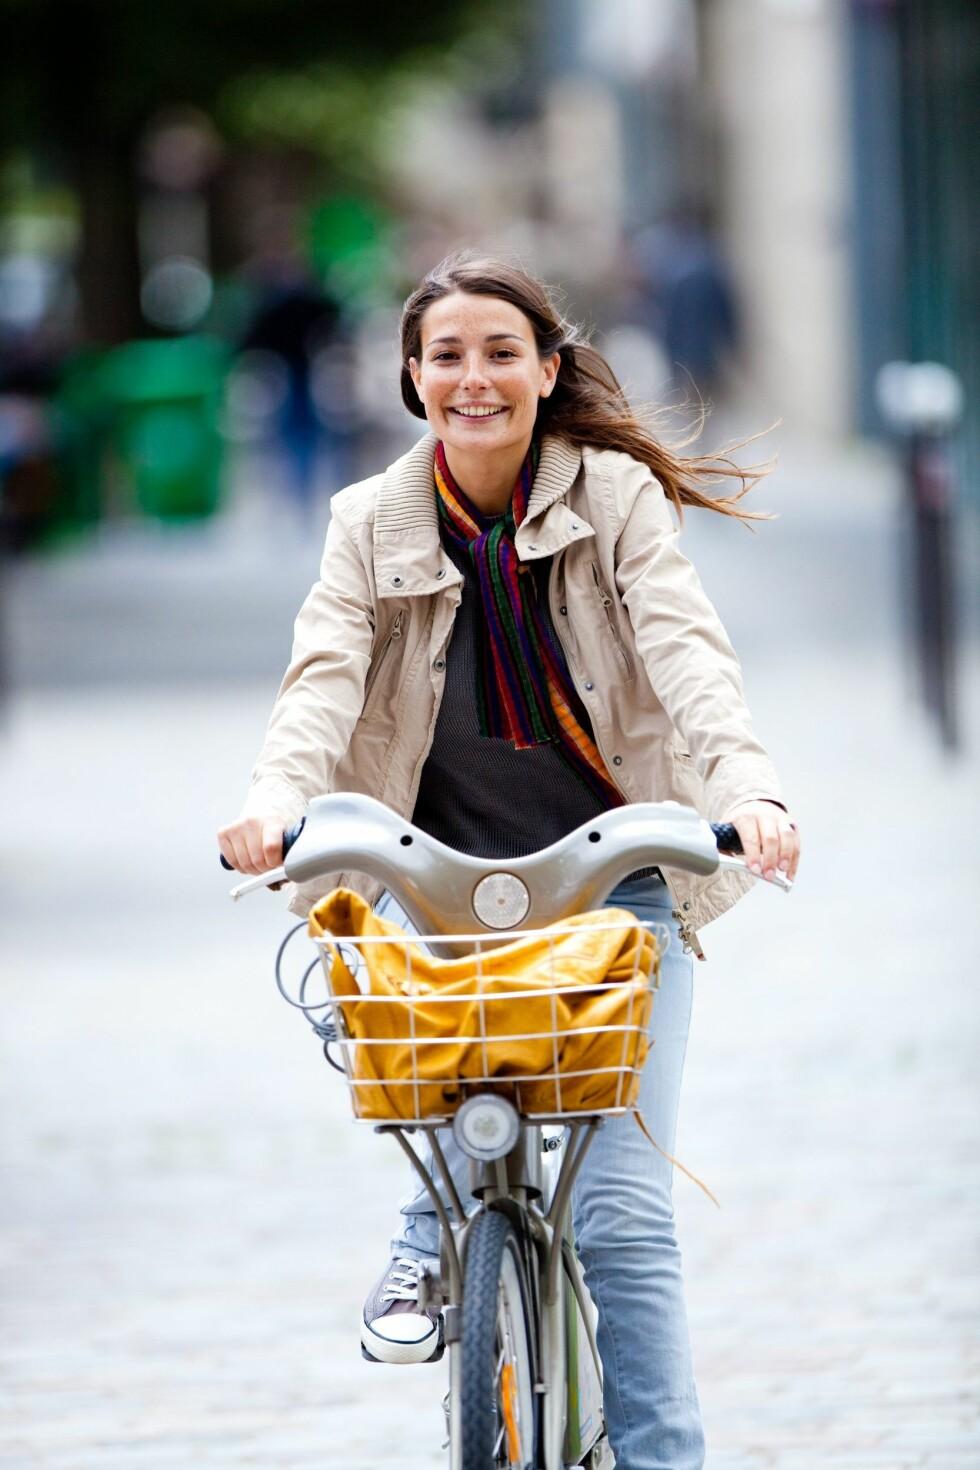 AKTIV I HVERDAGEN: Litt mosjon hver dag er sunt for hele kroppen og kan redusere risikoen for alvorlig sykdom.